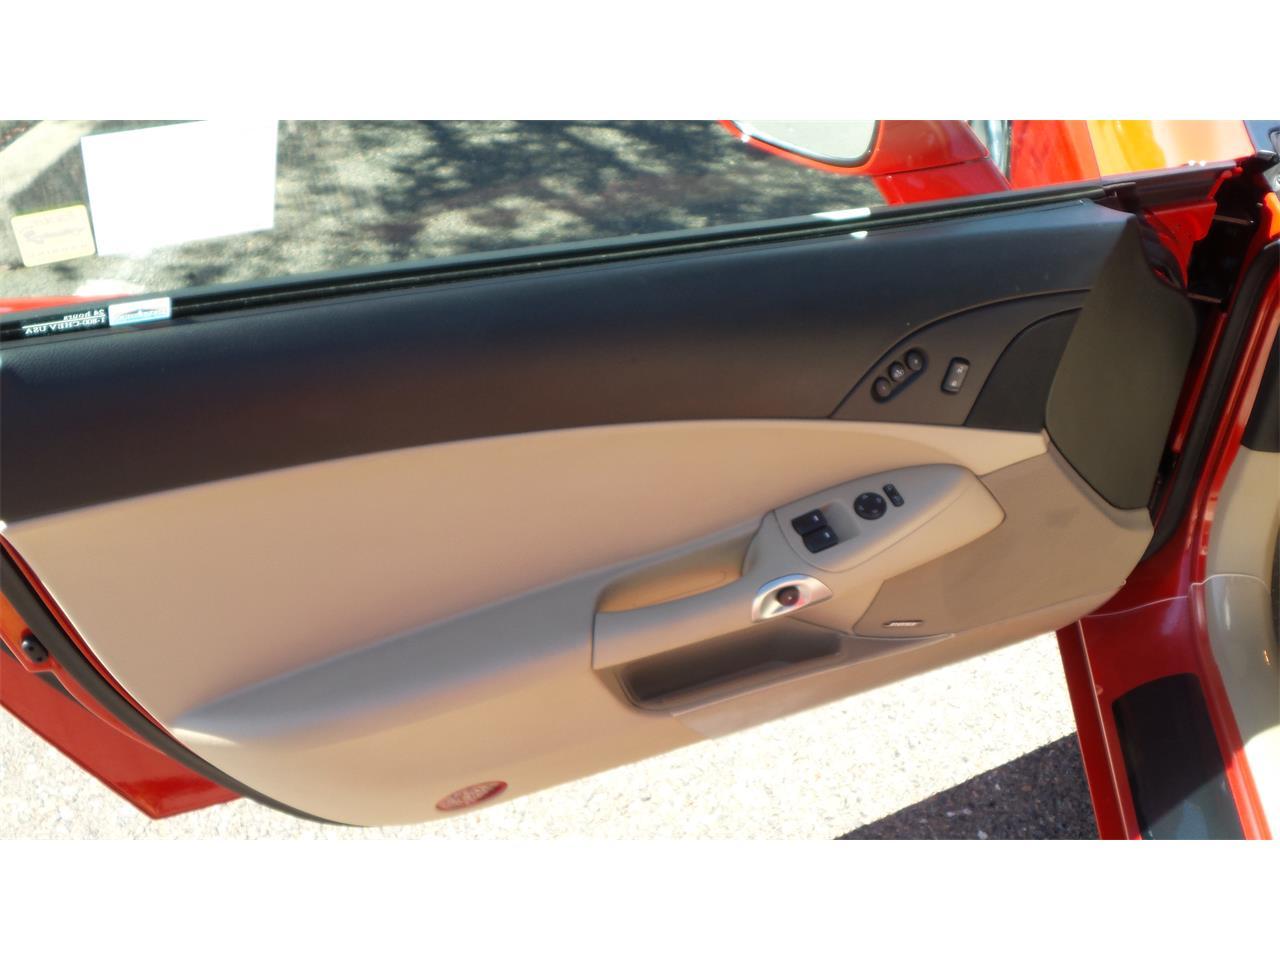 2005 Chevrolet Corvette (CC-1144452) for sale in Roseville, California